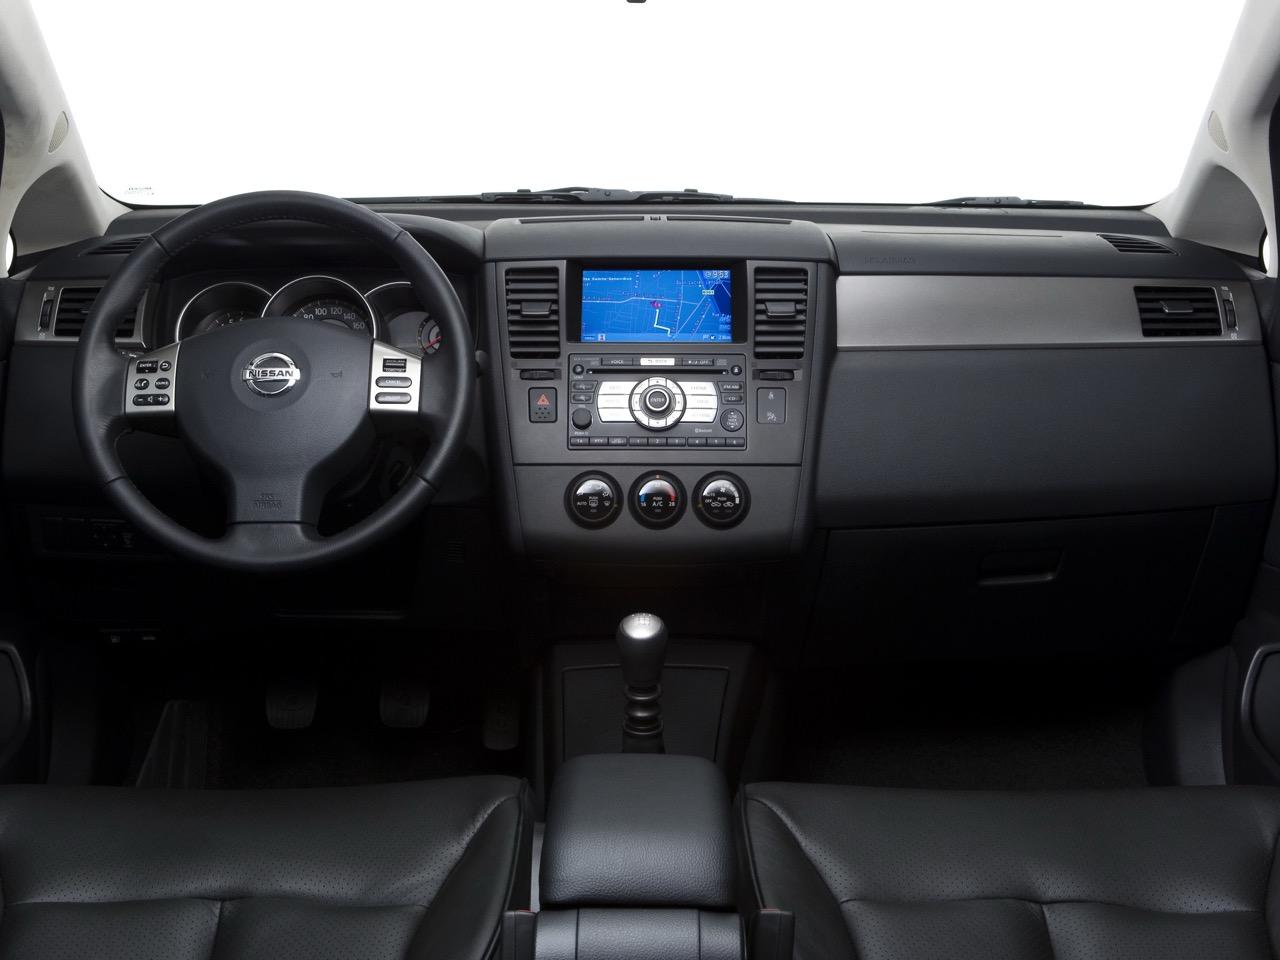 Nissan Tiida 2008 Precios Motores Equipamientos